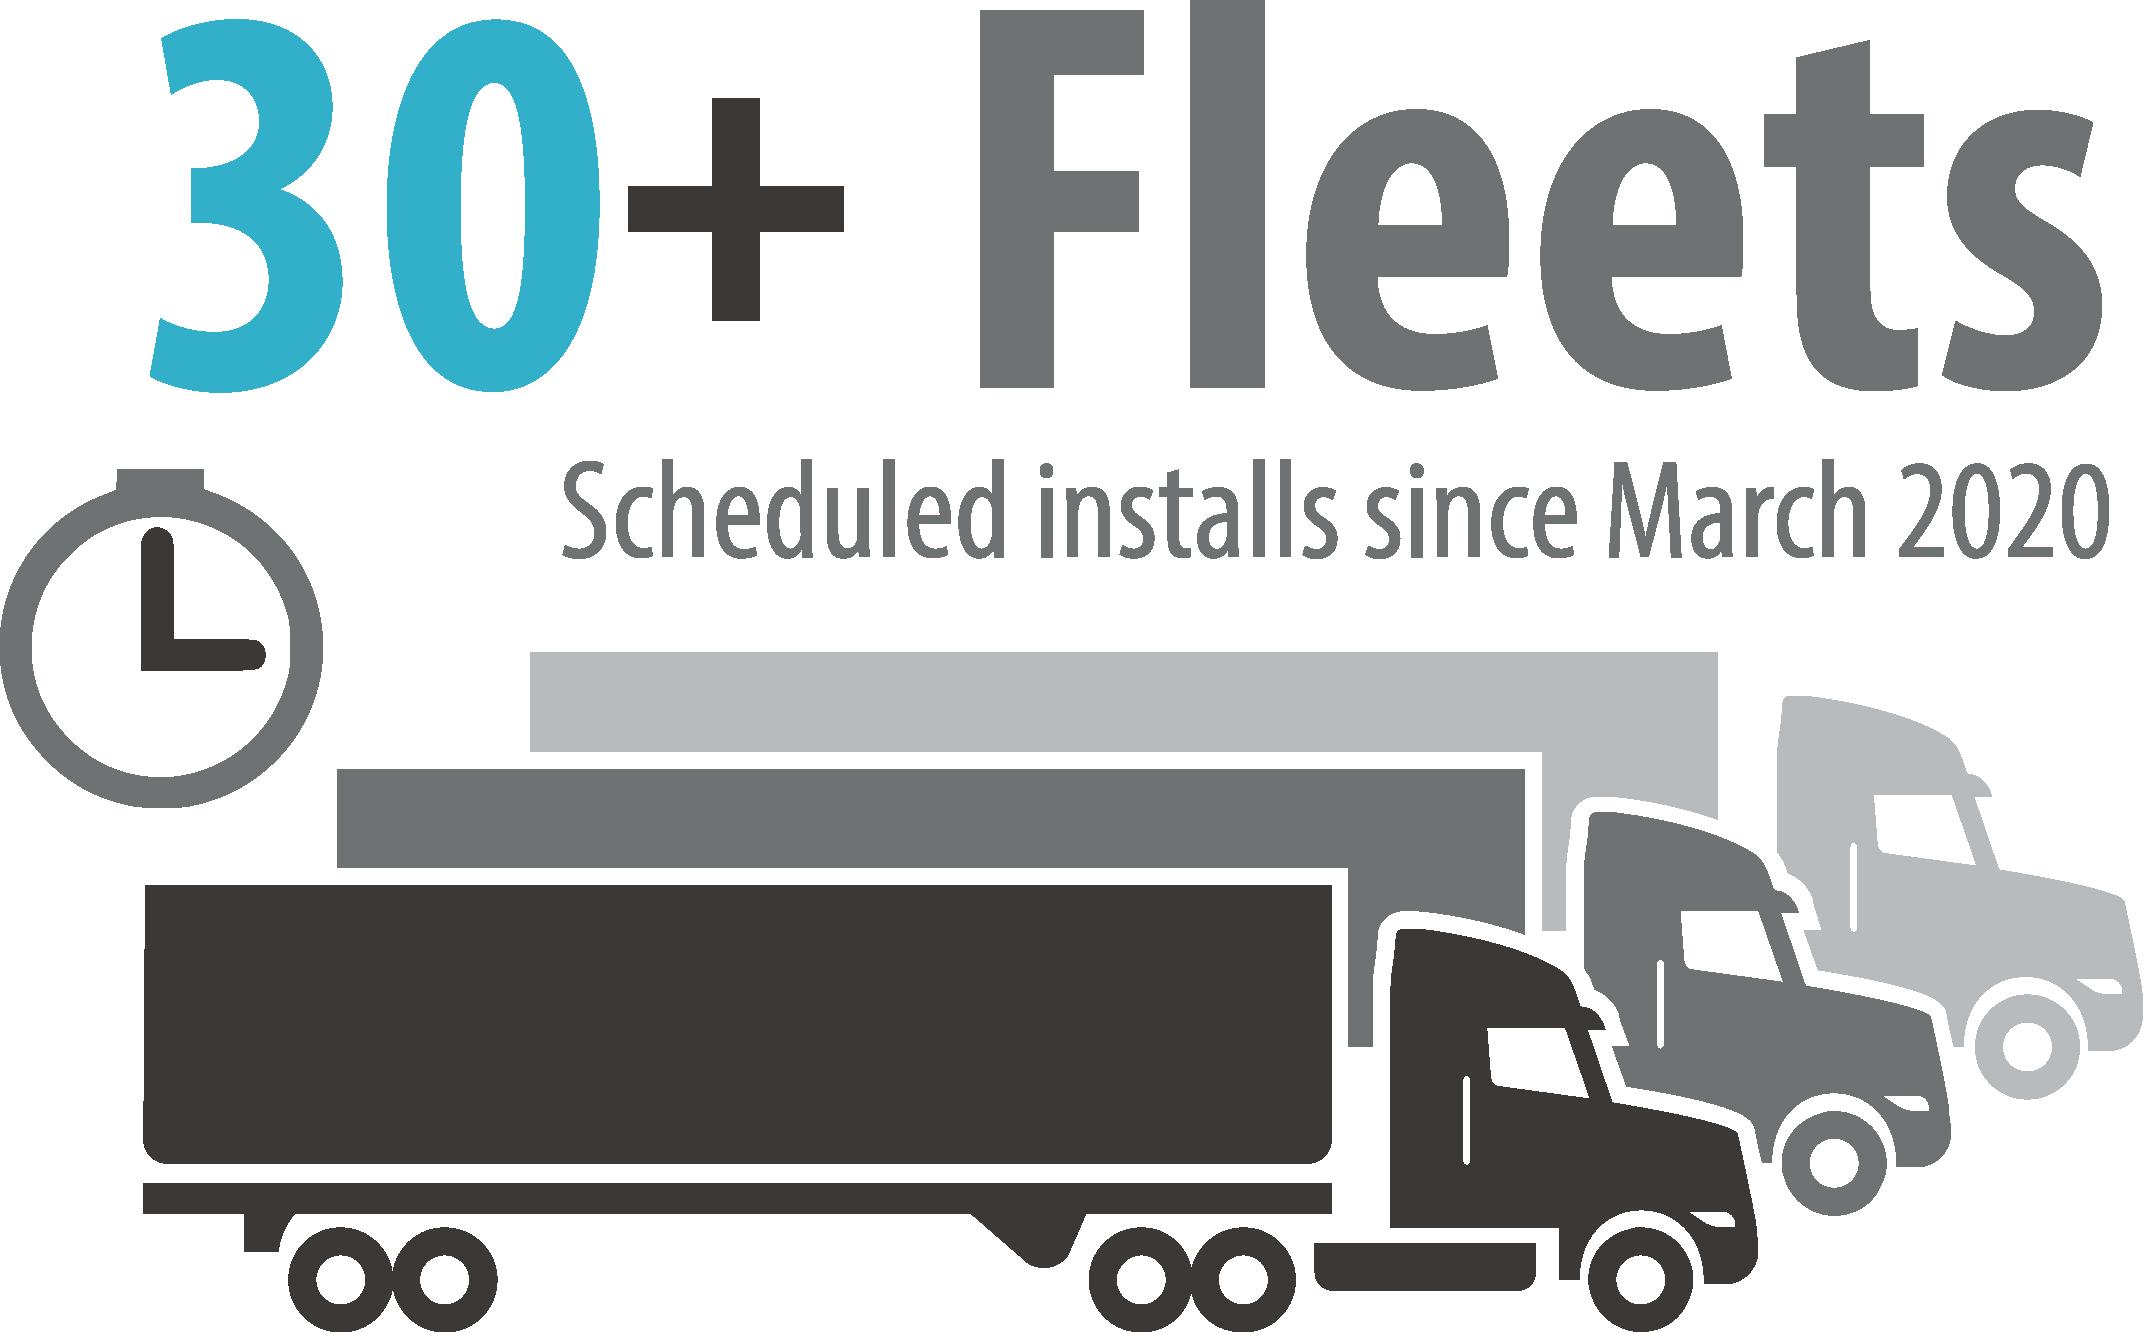 30 Fleets